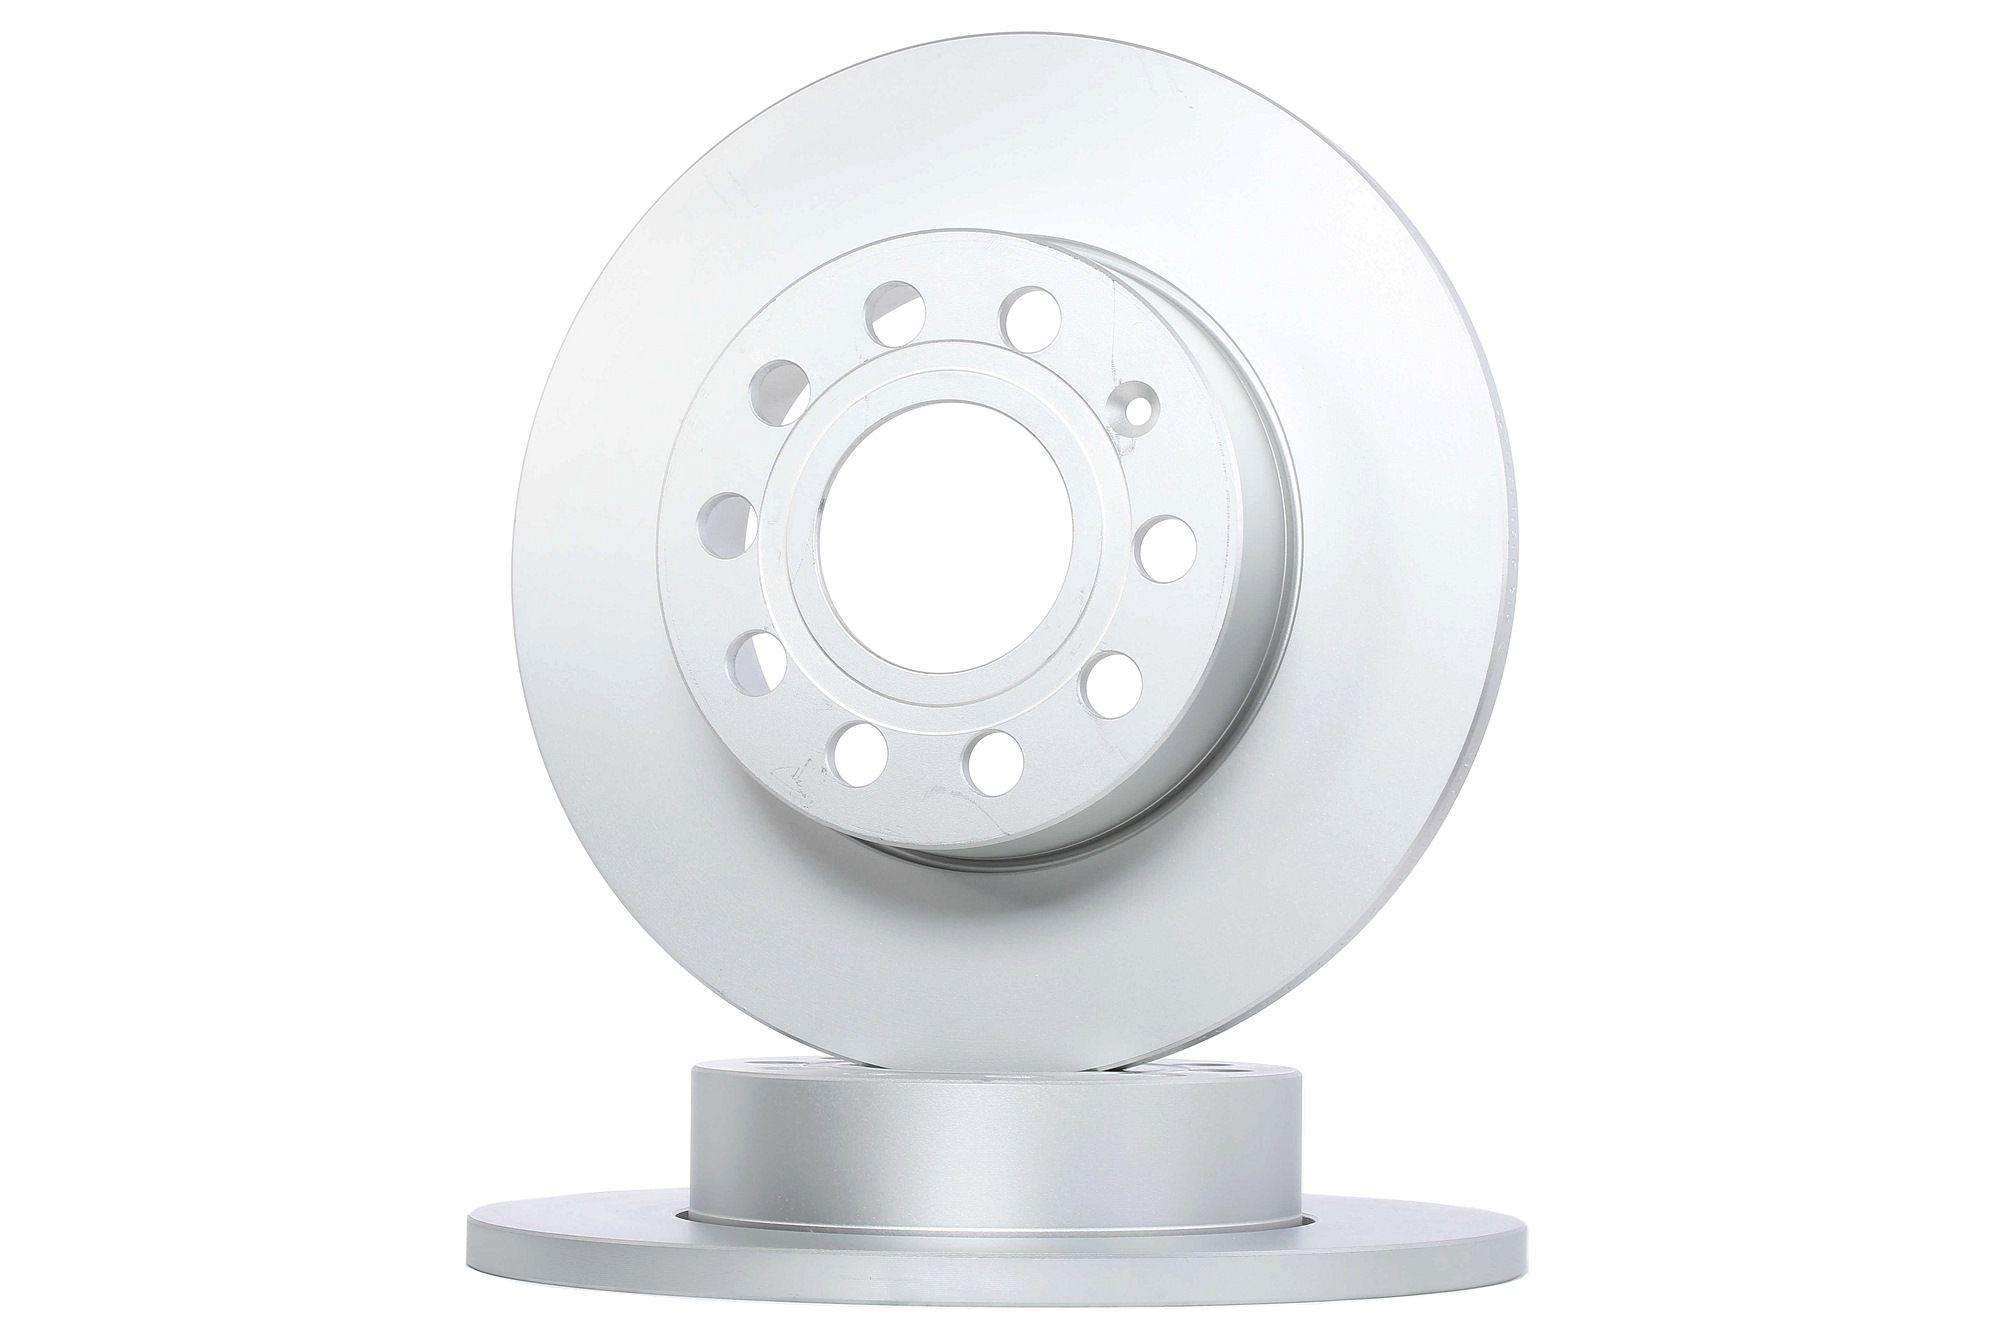 VW Disques de frein d'Origine 0 986 479 B78